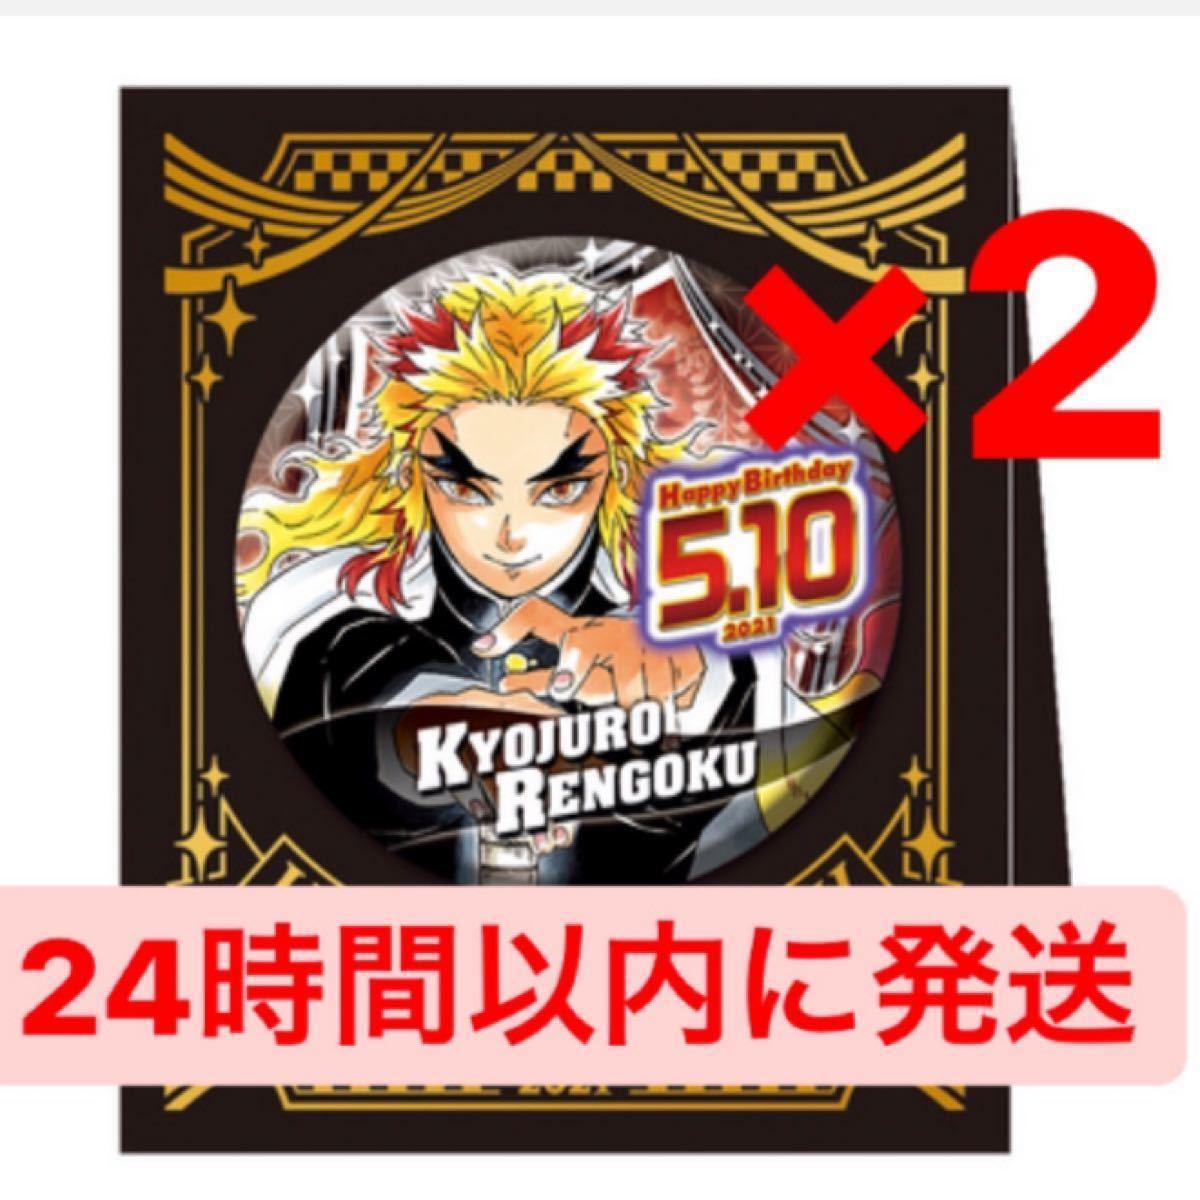 【値下げ】鬼滅の刃 煉獄杏寿郎 バースデー バースデイ 缶バッジ  2021 2個セット